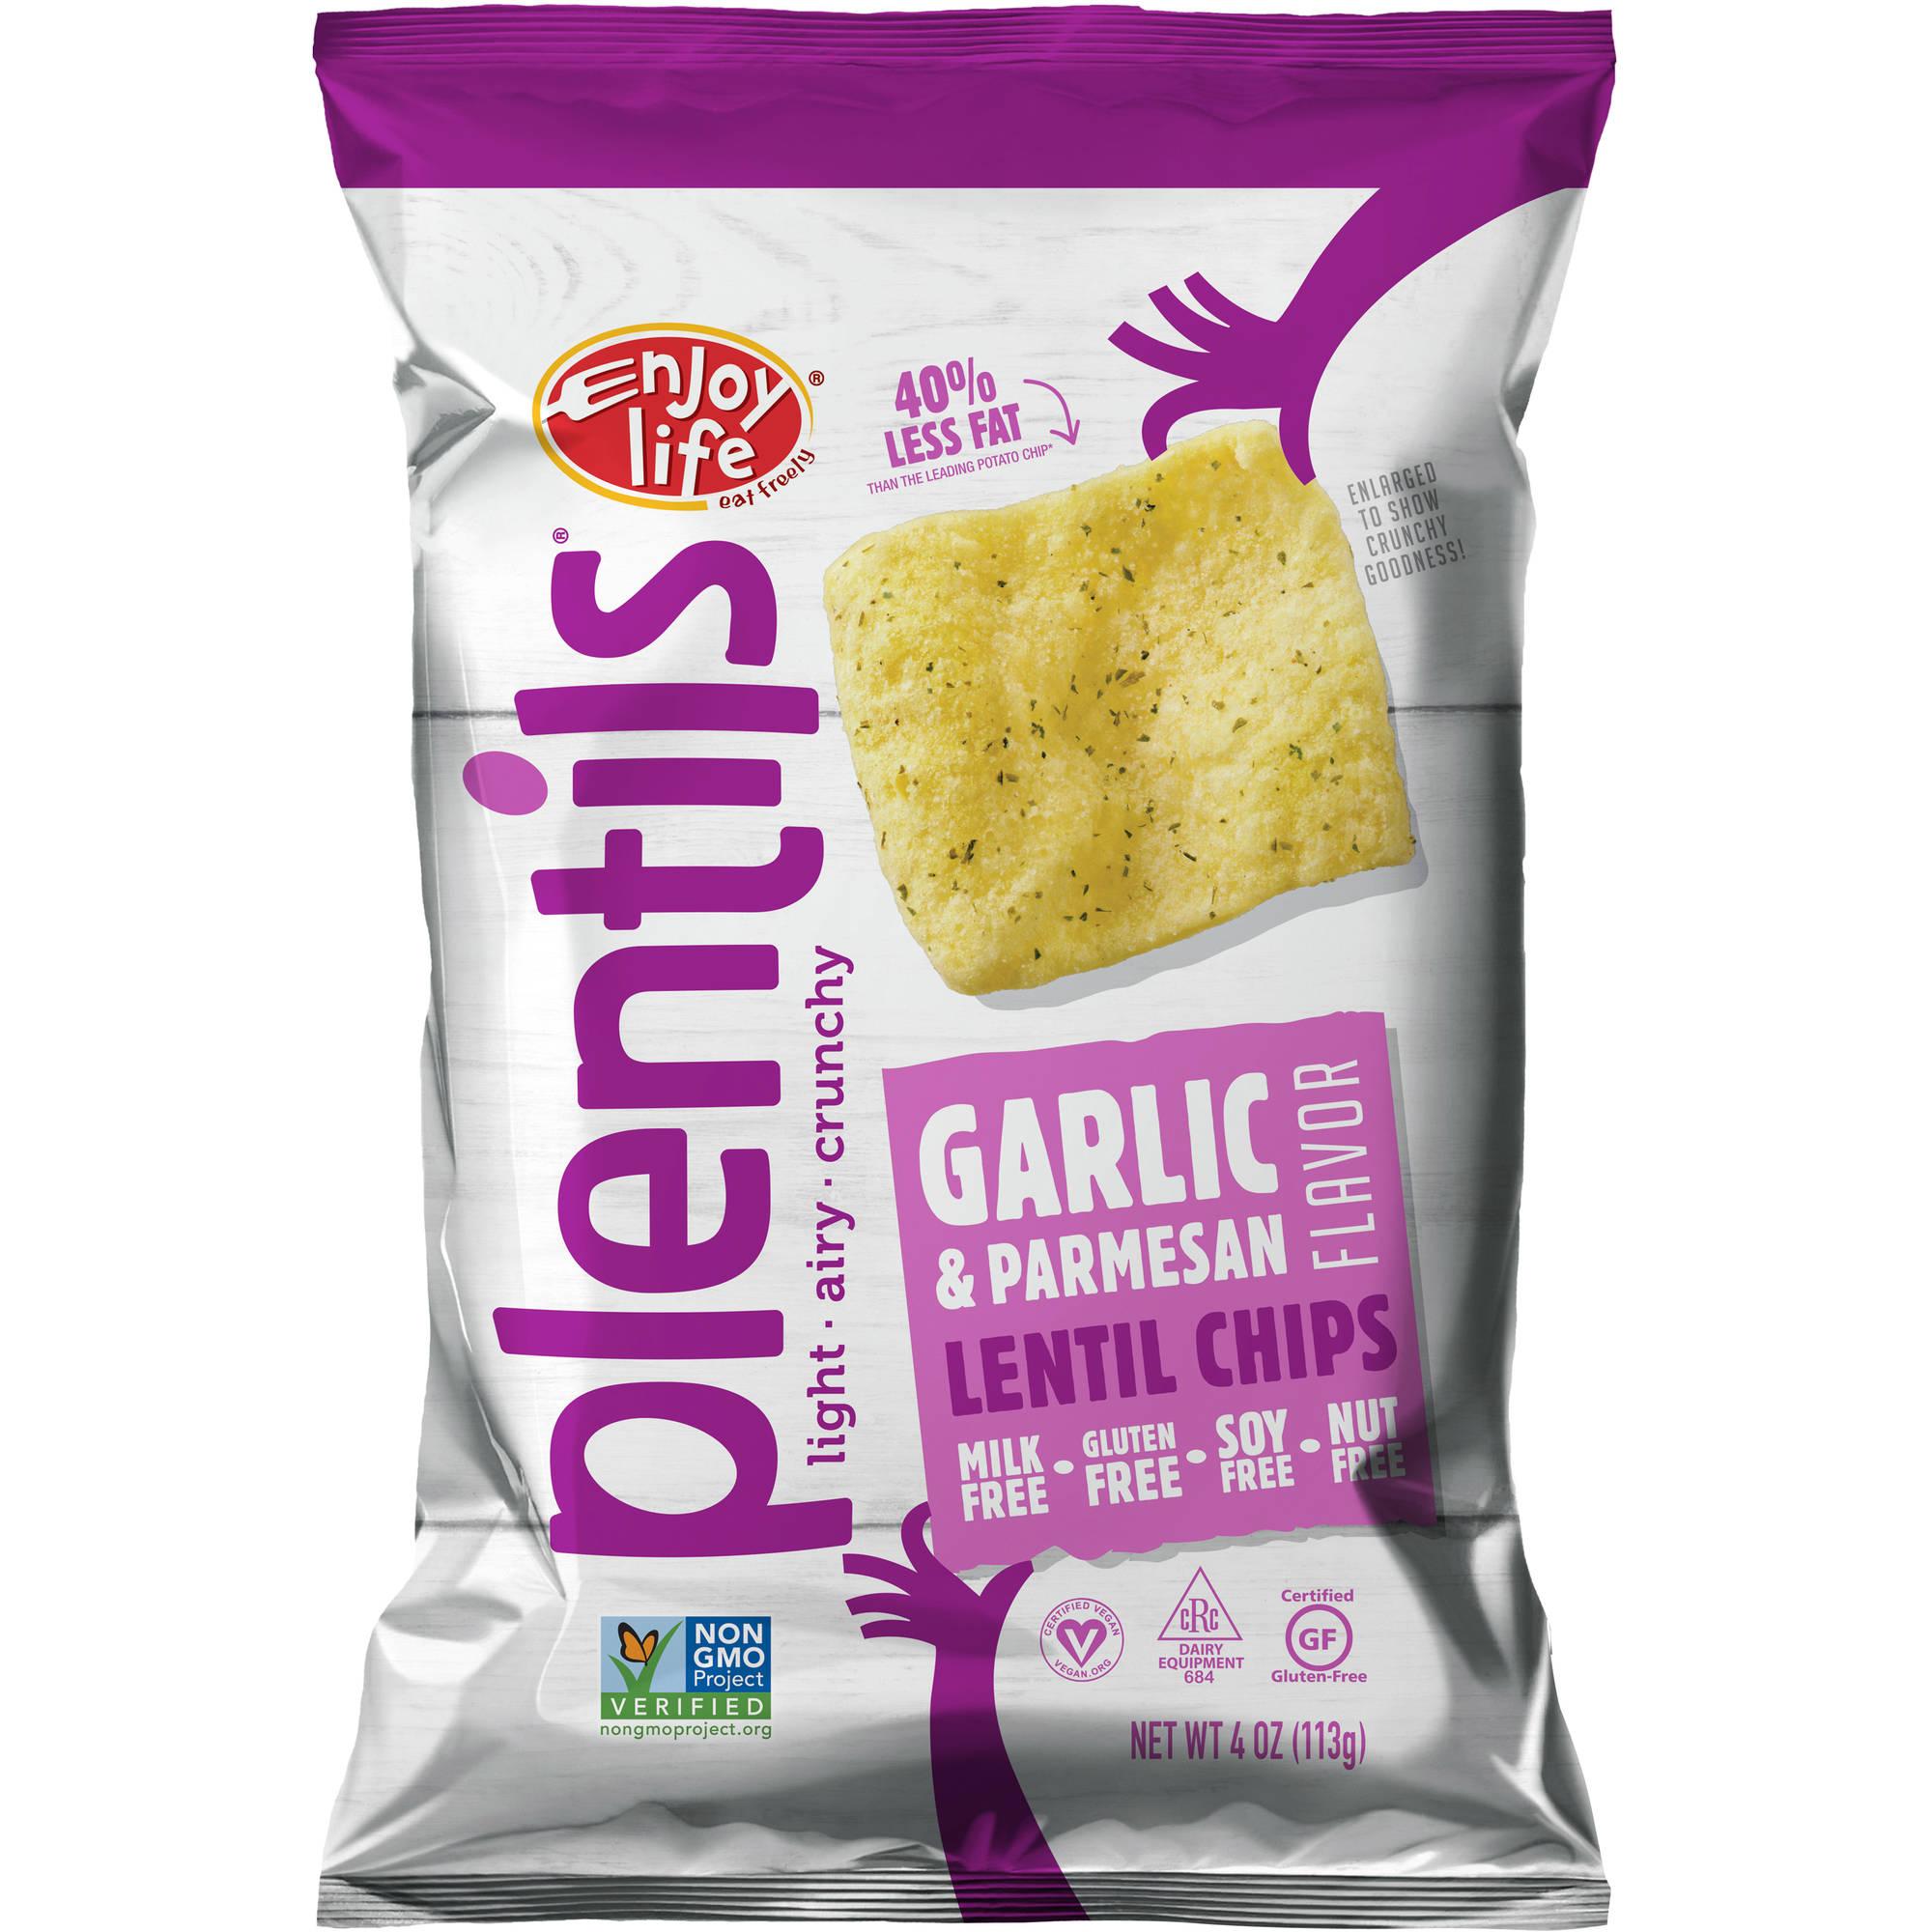 Enjoy Life Plentils Garlic & Parmesan Pizza Lentil Chips, 4 oz, (Pack of 12)